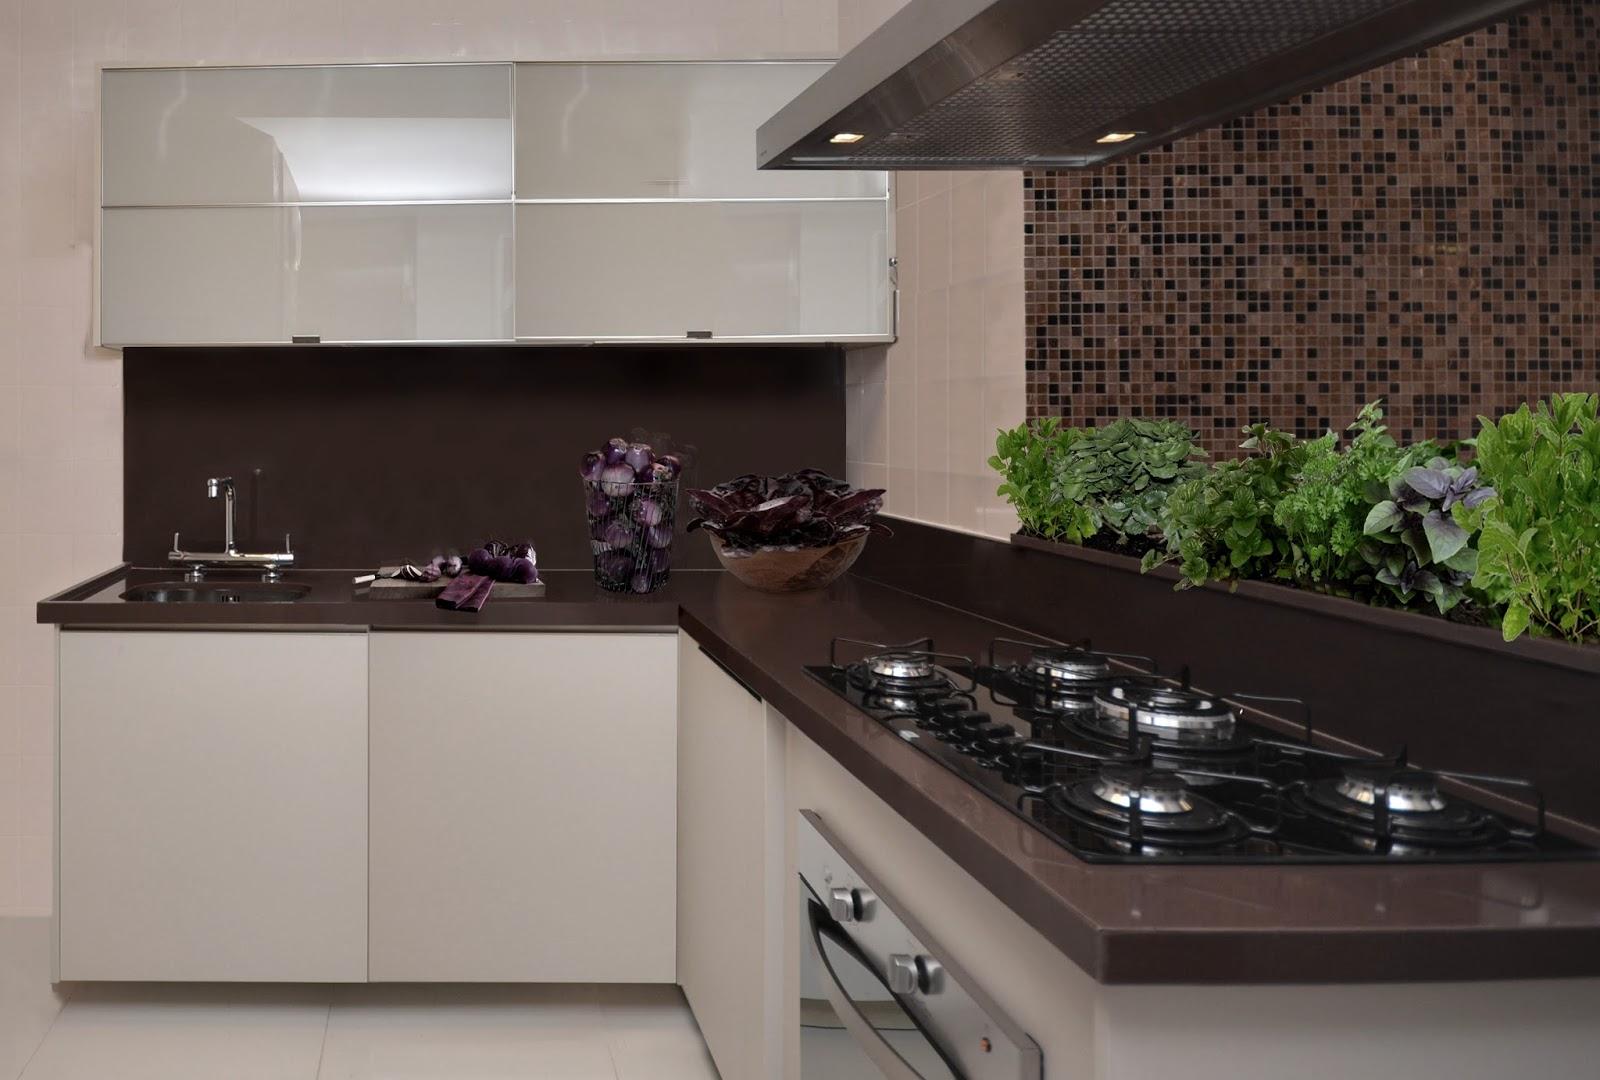 """cozinha chic e glamourosa? """"Uma ideia é o granito marrom absoluto  #495F26 1600x1080 Banheiro Com Granito Marrom Absoluto"""